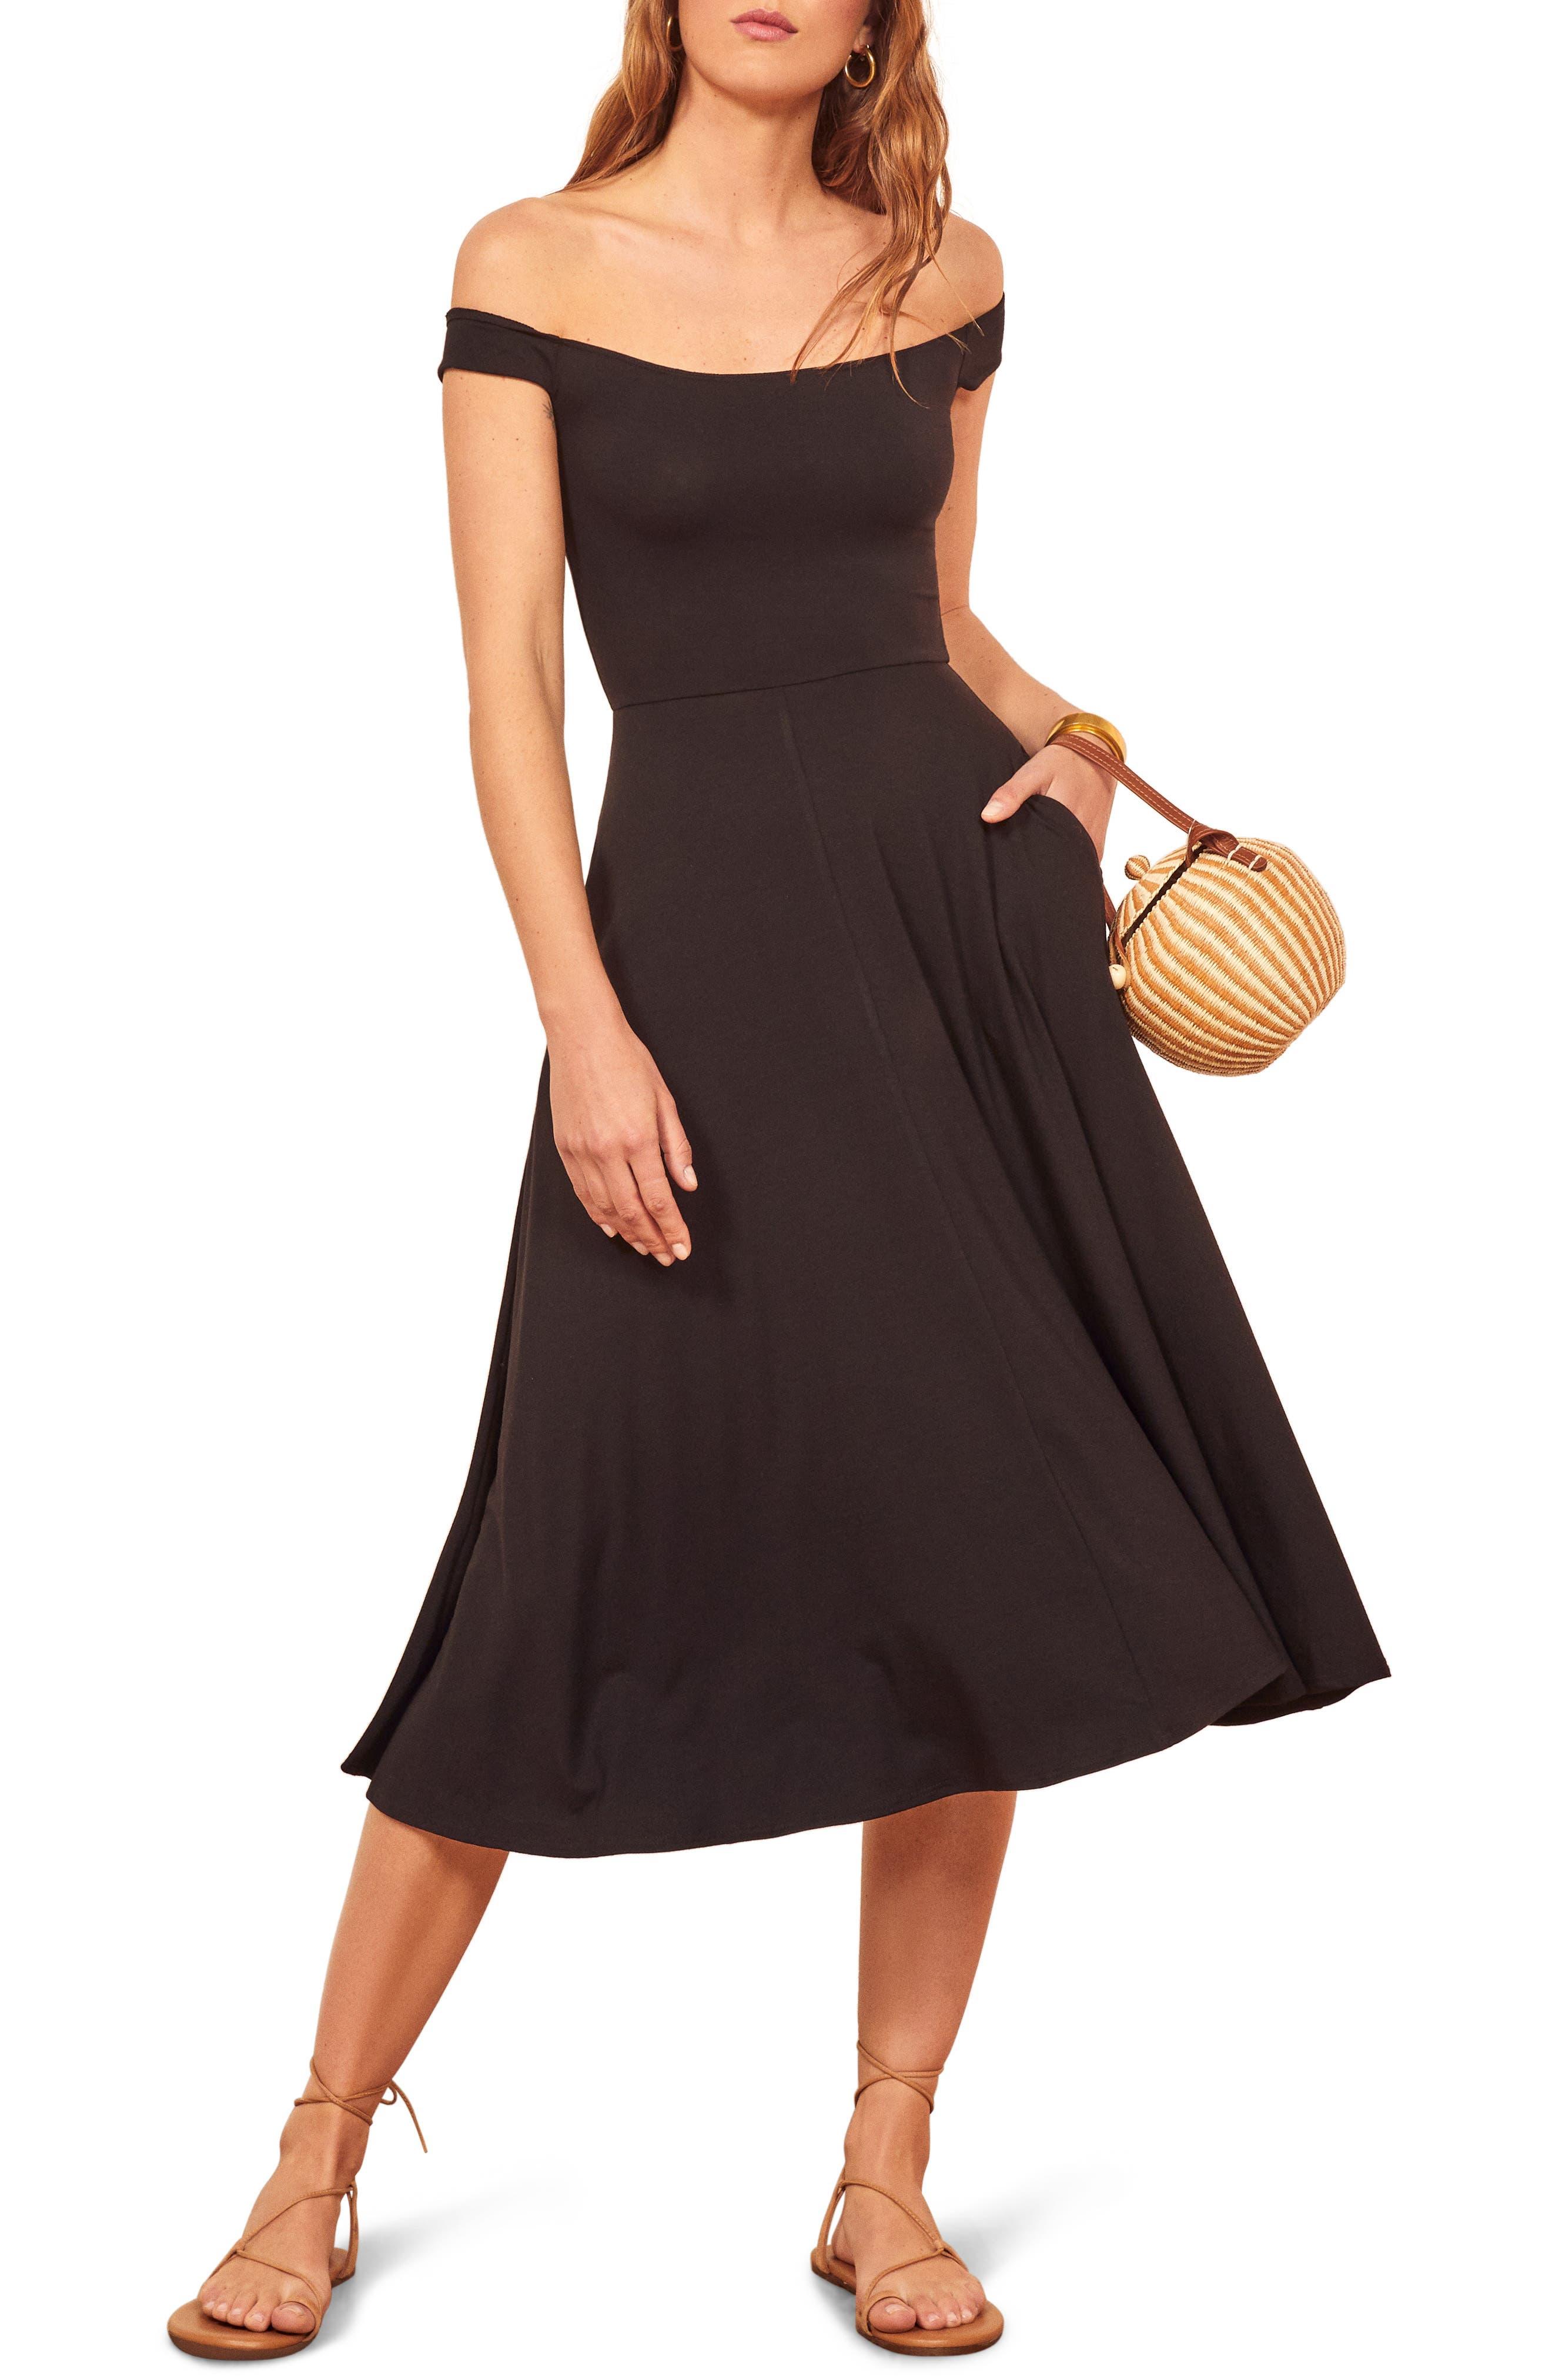 Reformation Marci Off The Shoulder Fit & Flare Dress, Black